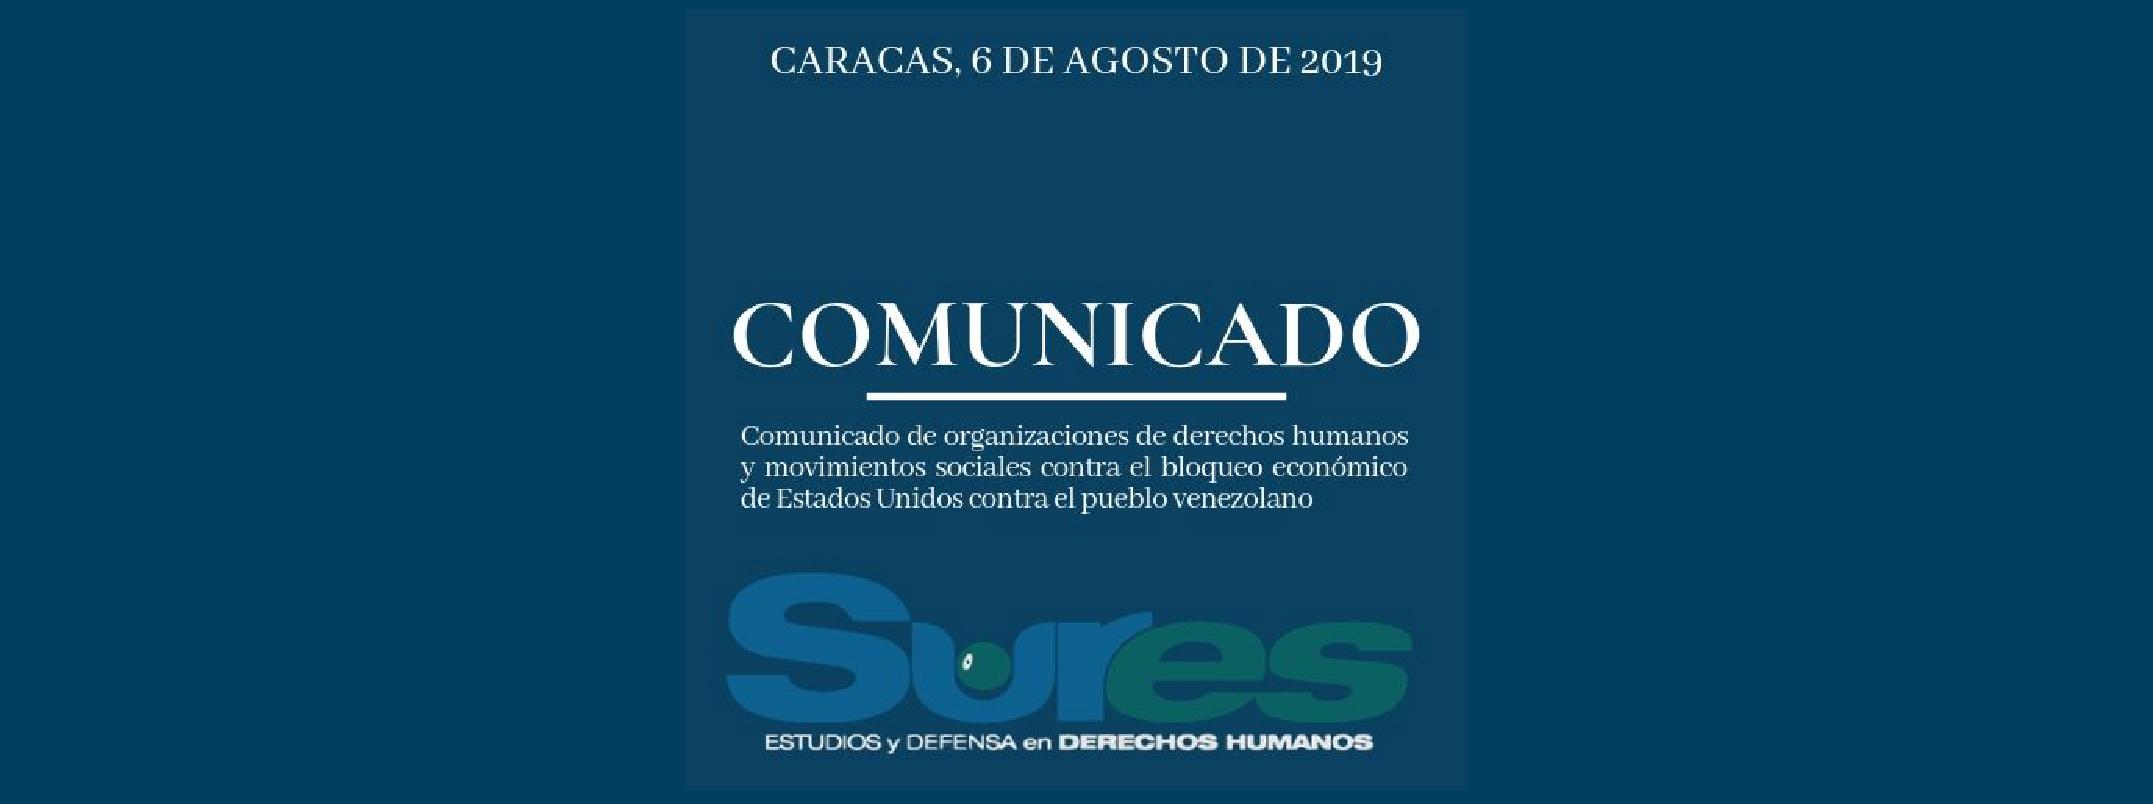 COMUNICADO DE ORGANIZACIONES SOCIALES VENEZOLANAS Y DEL MUNDO EN REPUDIO A LA ORDEN EJECUTIVA DE ESTADOS UNIDOS QUE QUIERE APROPIARSE DE LOS ACTIVOS Y EL DINERO DEL PUEBLO VENEZOLANO